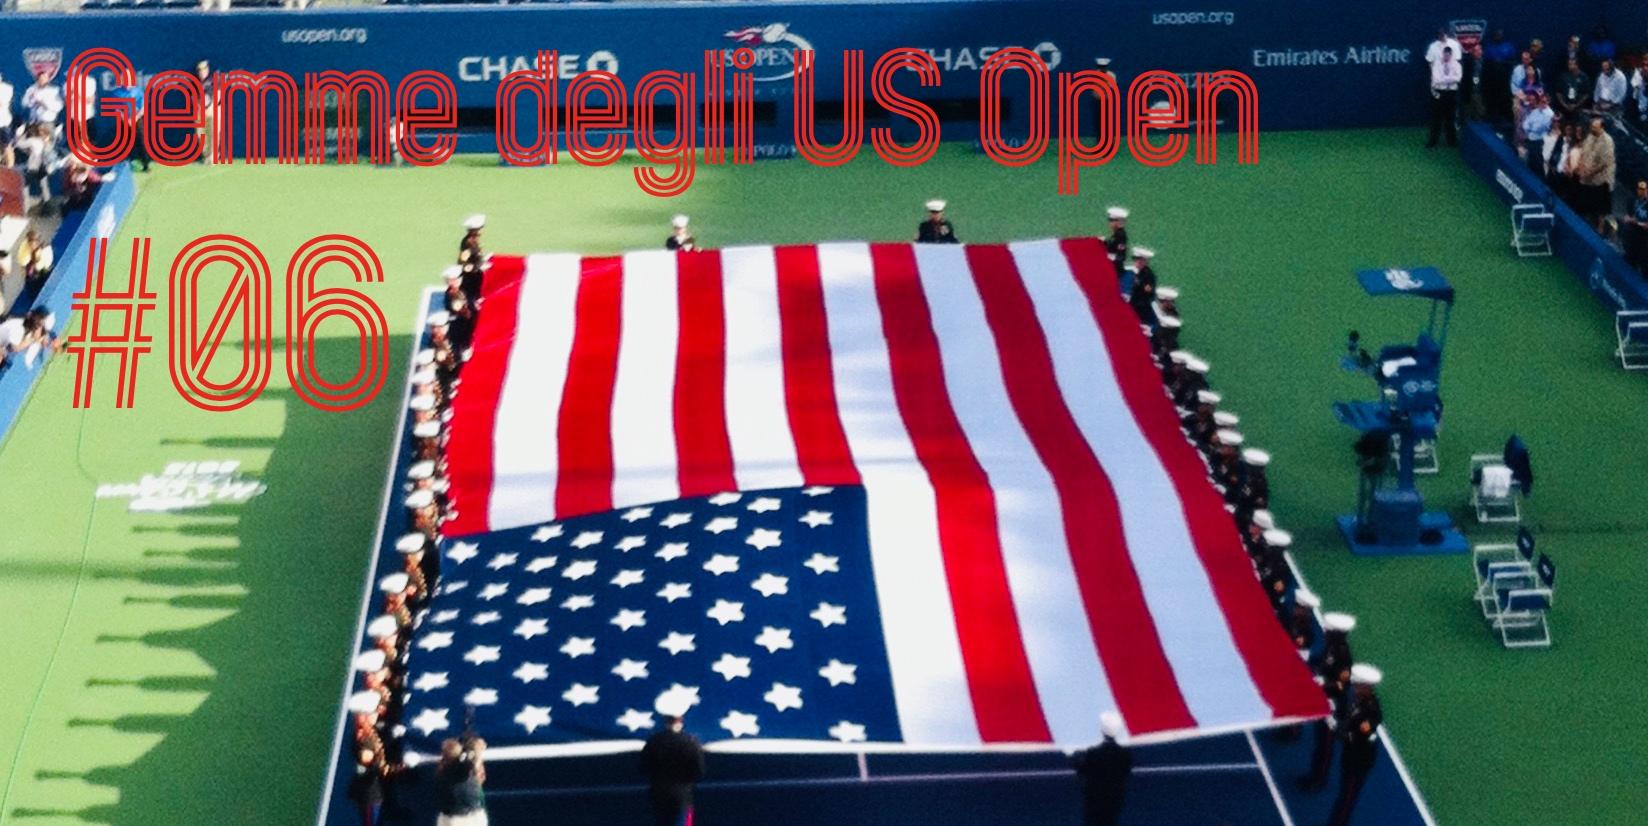 Gemme degli US Open #6 - settesei.it